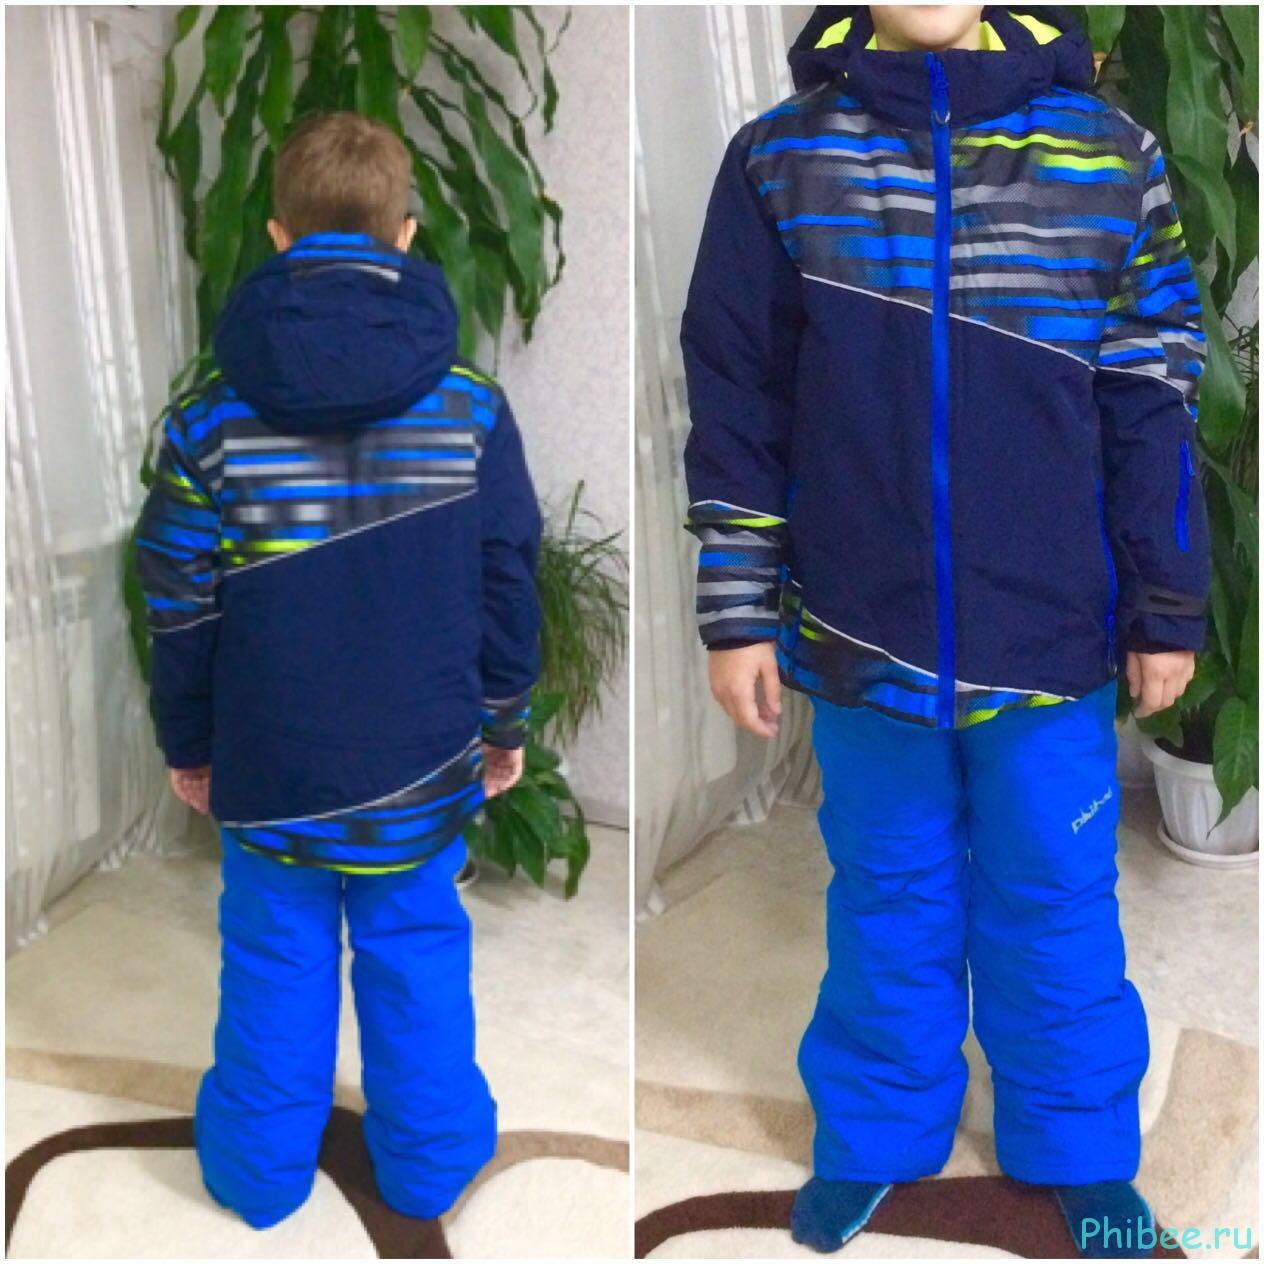 Отзыв о горнолыжном костюме для мальчика Phibee 81736